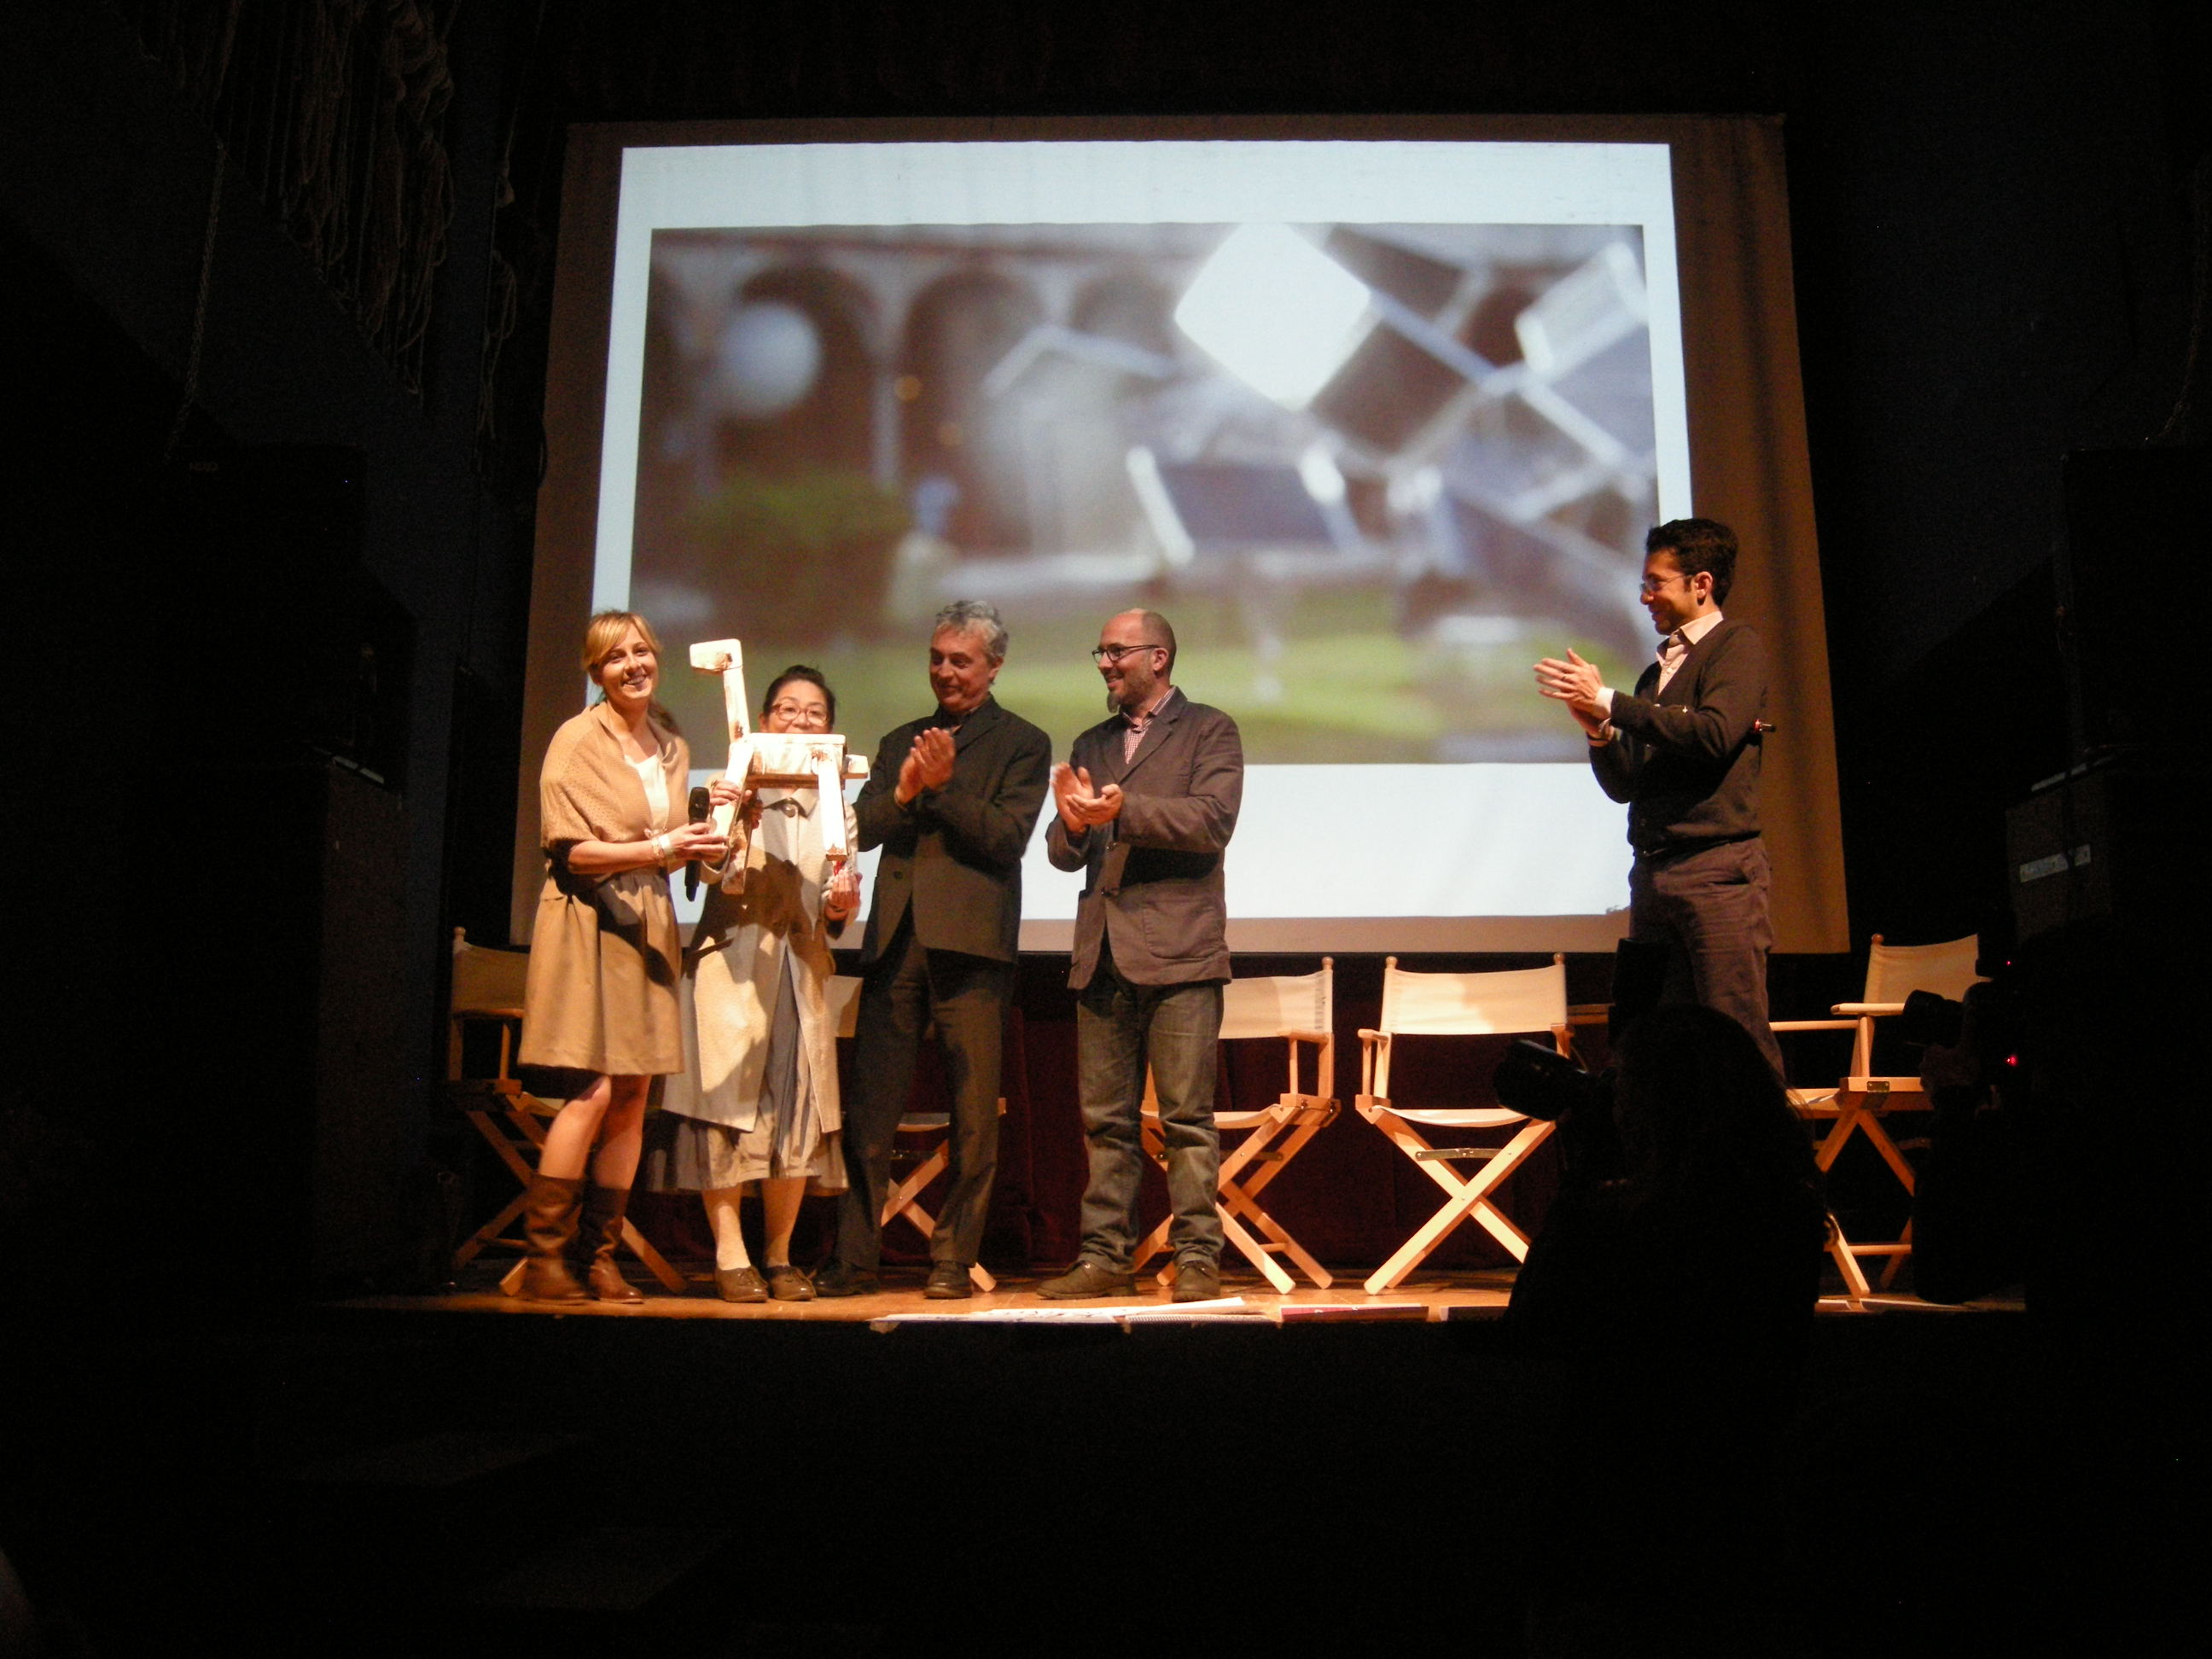 4月22日に行われた授賞式の様子。会場のTeatro Franco Parenti(ミラノ)にて